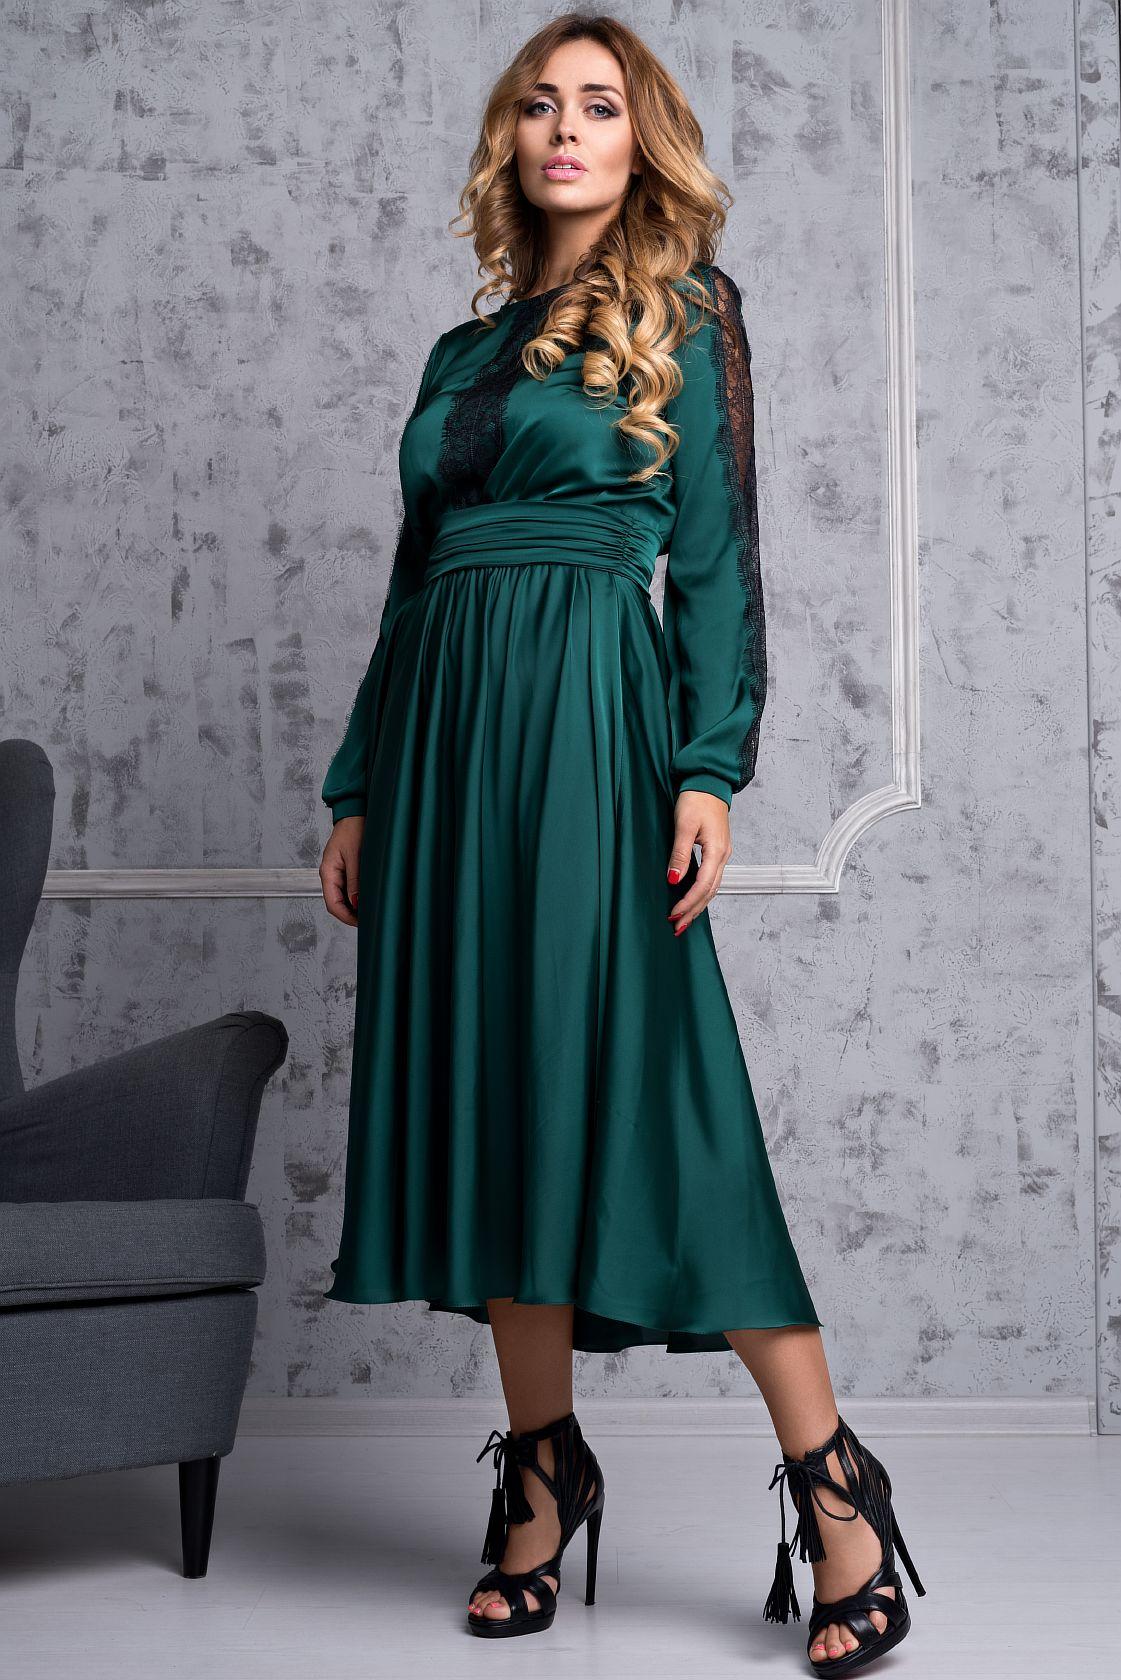 ПлатьеПлатья<br>Платье с пышной струящейся юбкой солнце, с отделкой из гипюра. Модель выполнена из гладкого атласа. Отличный выбор для любого торжества.   Длина от талии 75 см.  В изделии использованы цвета: зеленый  Ростовка изделия 170 см.<br><br>Горловина: С- горловина<br>По длине: Миди,Ниже колена<br>По материалу: Атлас<br>По рисунку: Однотонные<br>По сезону: Весна,Зима,Лето,Осень,Всесезон<br>По силуэту: Полуприталенные<br>По стилю: Нарядный стиль,Вечерний стиль<br>По форме: Платье - трапеция<br>По элементам: С декором,С манжетами<br>Рукав: Длинный рукав<br>Размер : 40,42,44,46,48-50<br>Материал: Атлас<br>Количество в наличии: 5